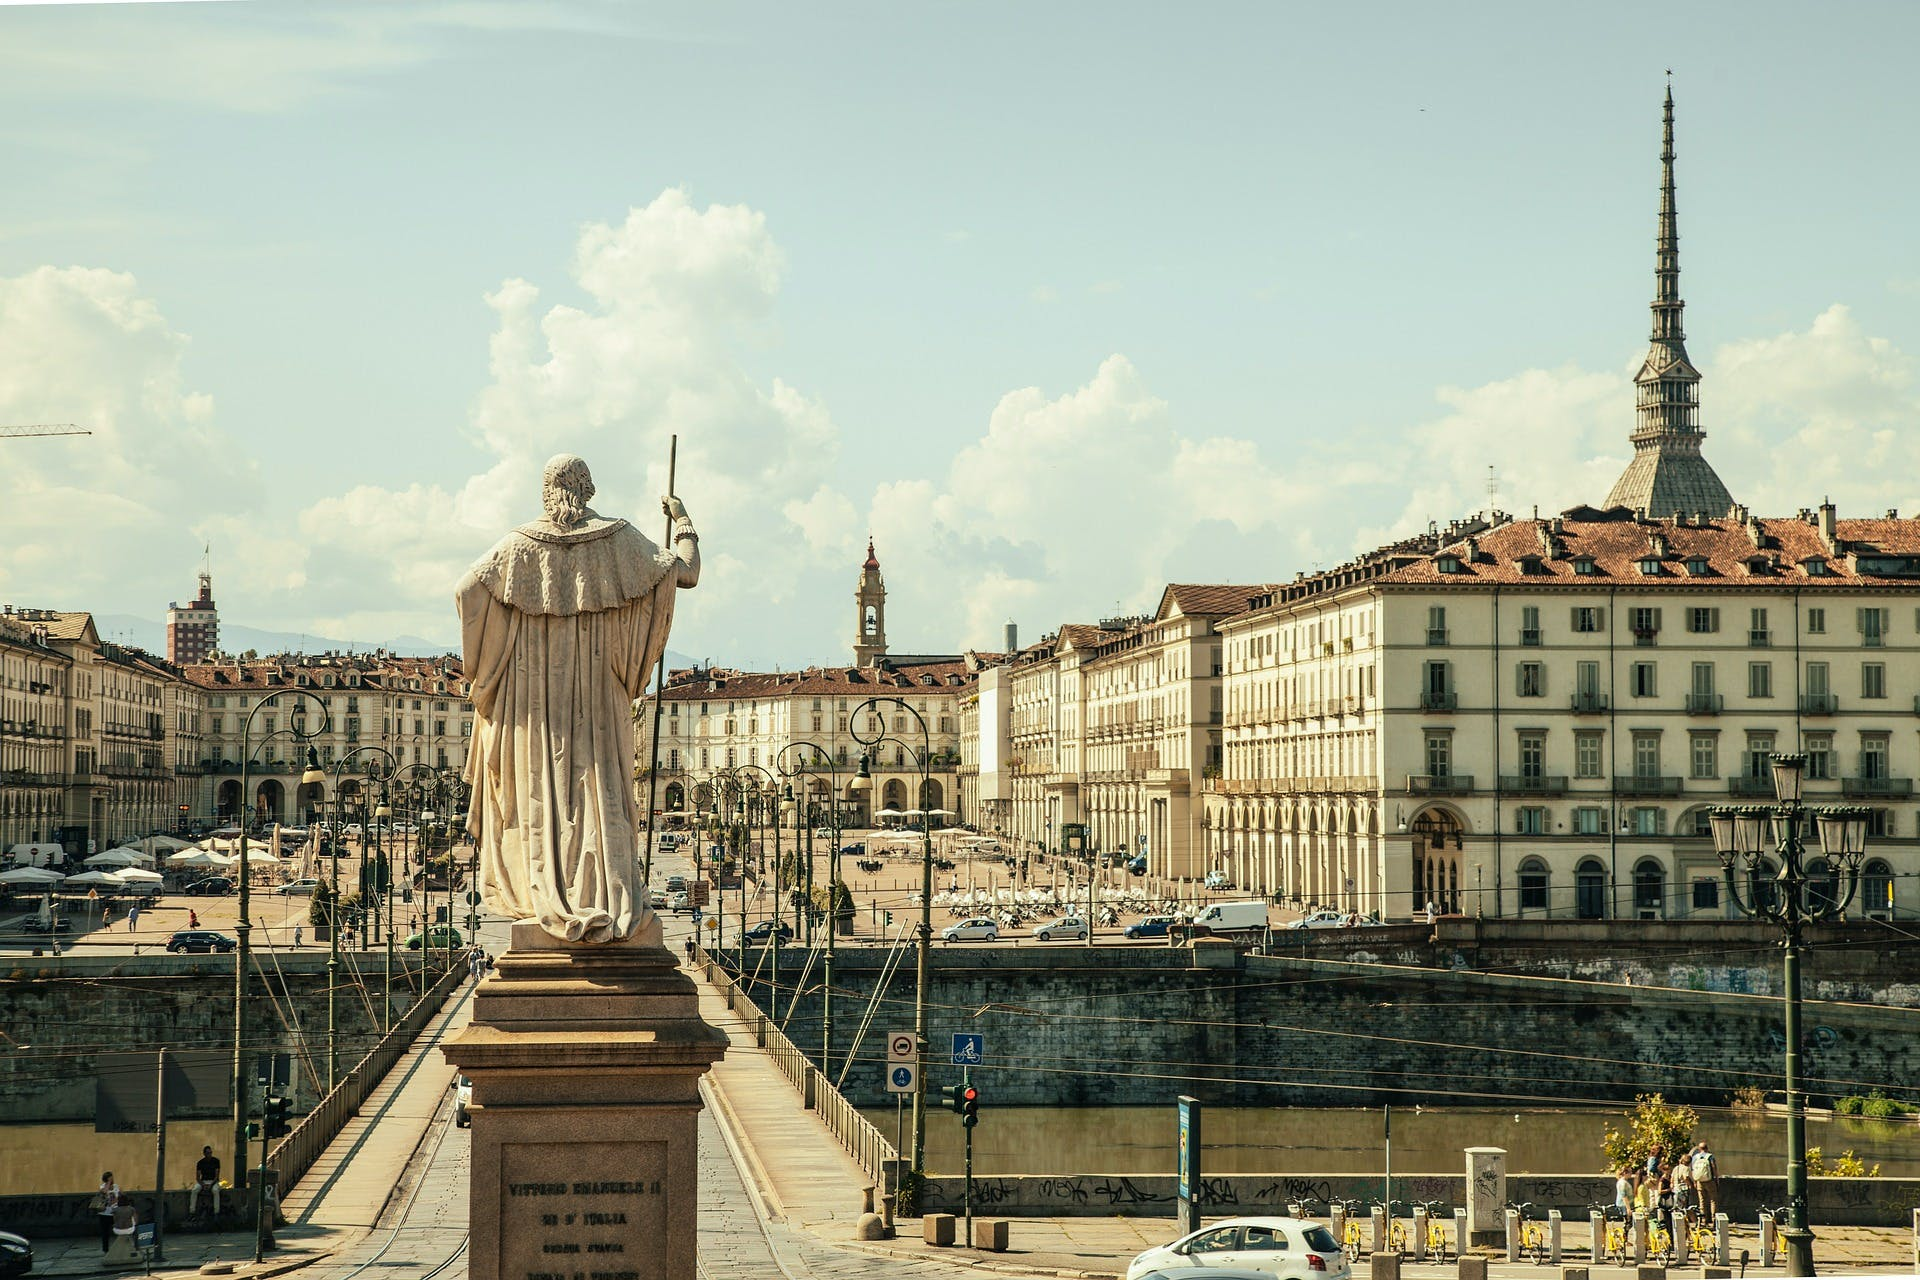 Ver la ciudad,Gastronomía,Tours andando,Tours enológicos,Otros gastronomía,Tour por Turín